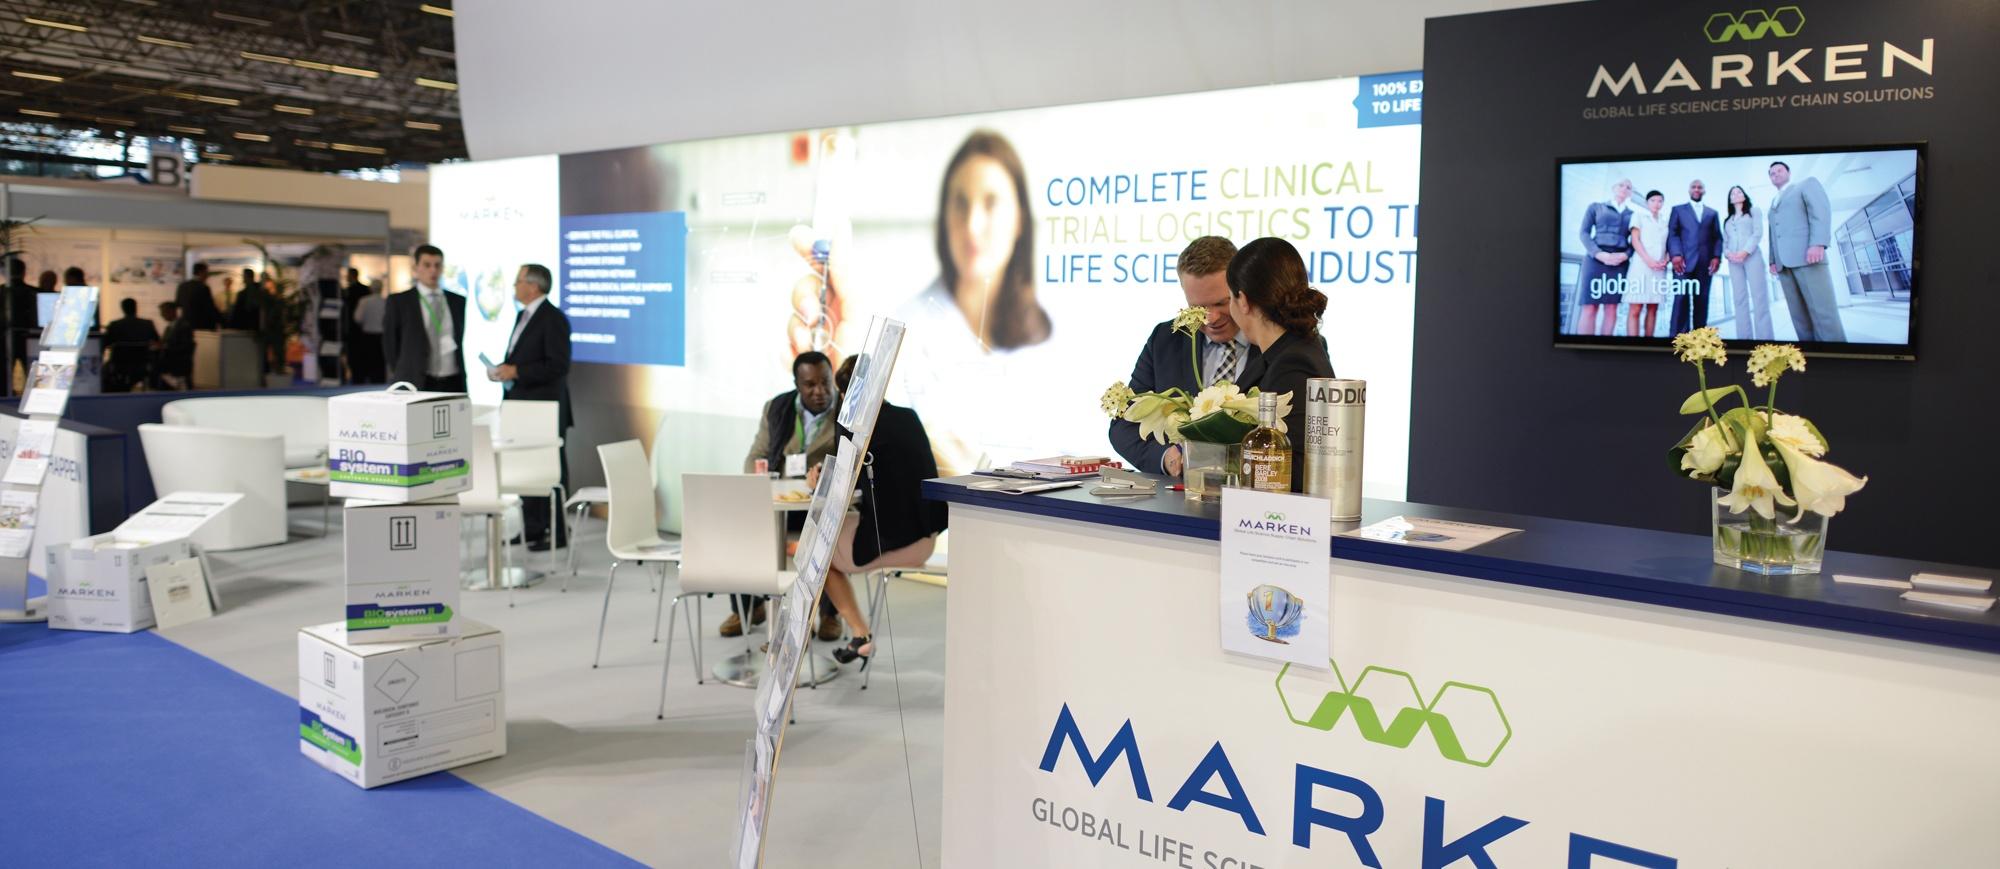 Marken Booth